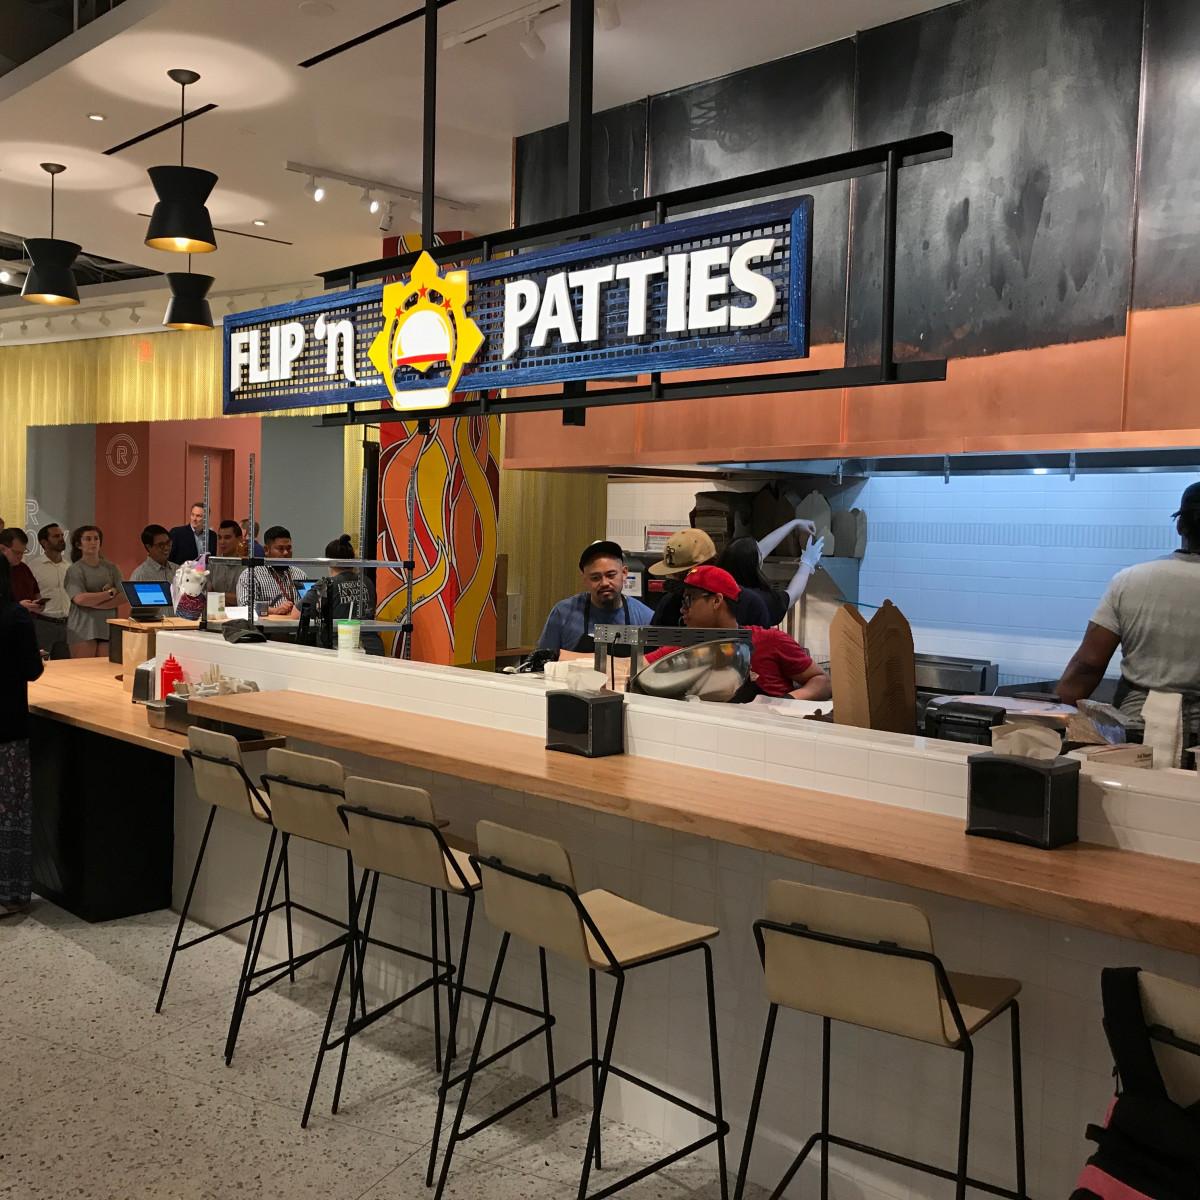 Understory food hall Flip n Patties stand